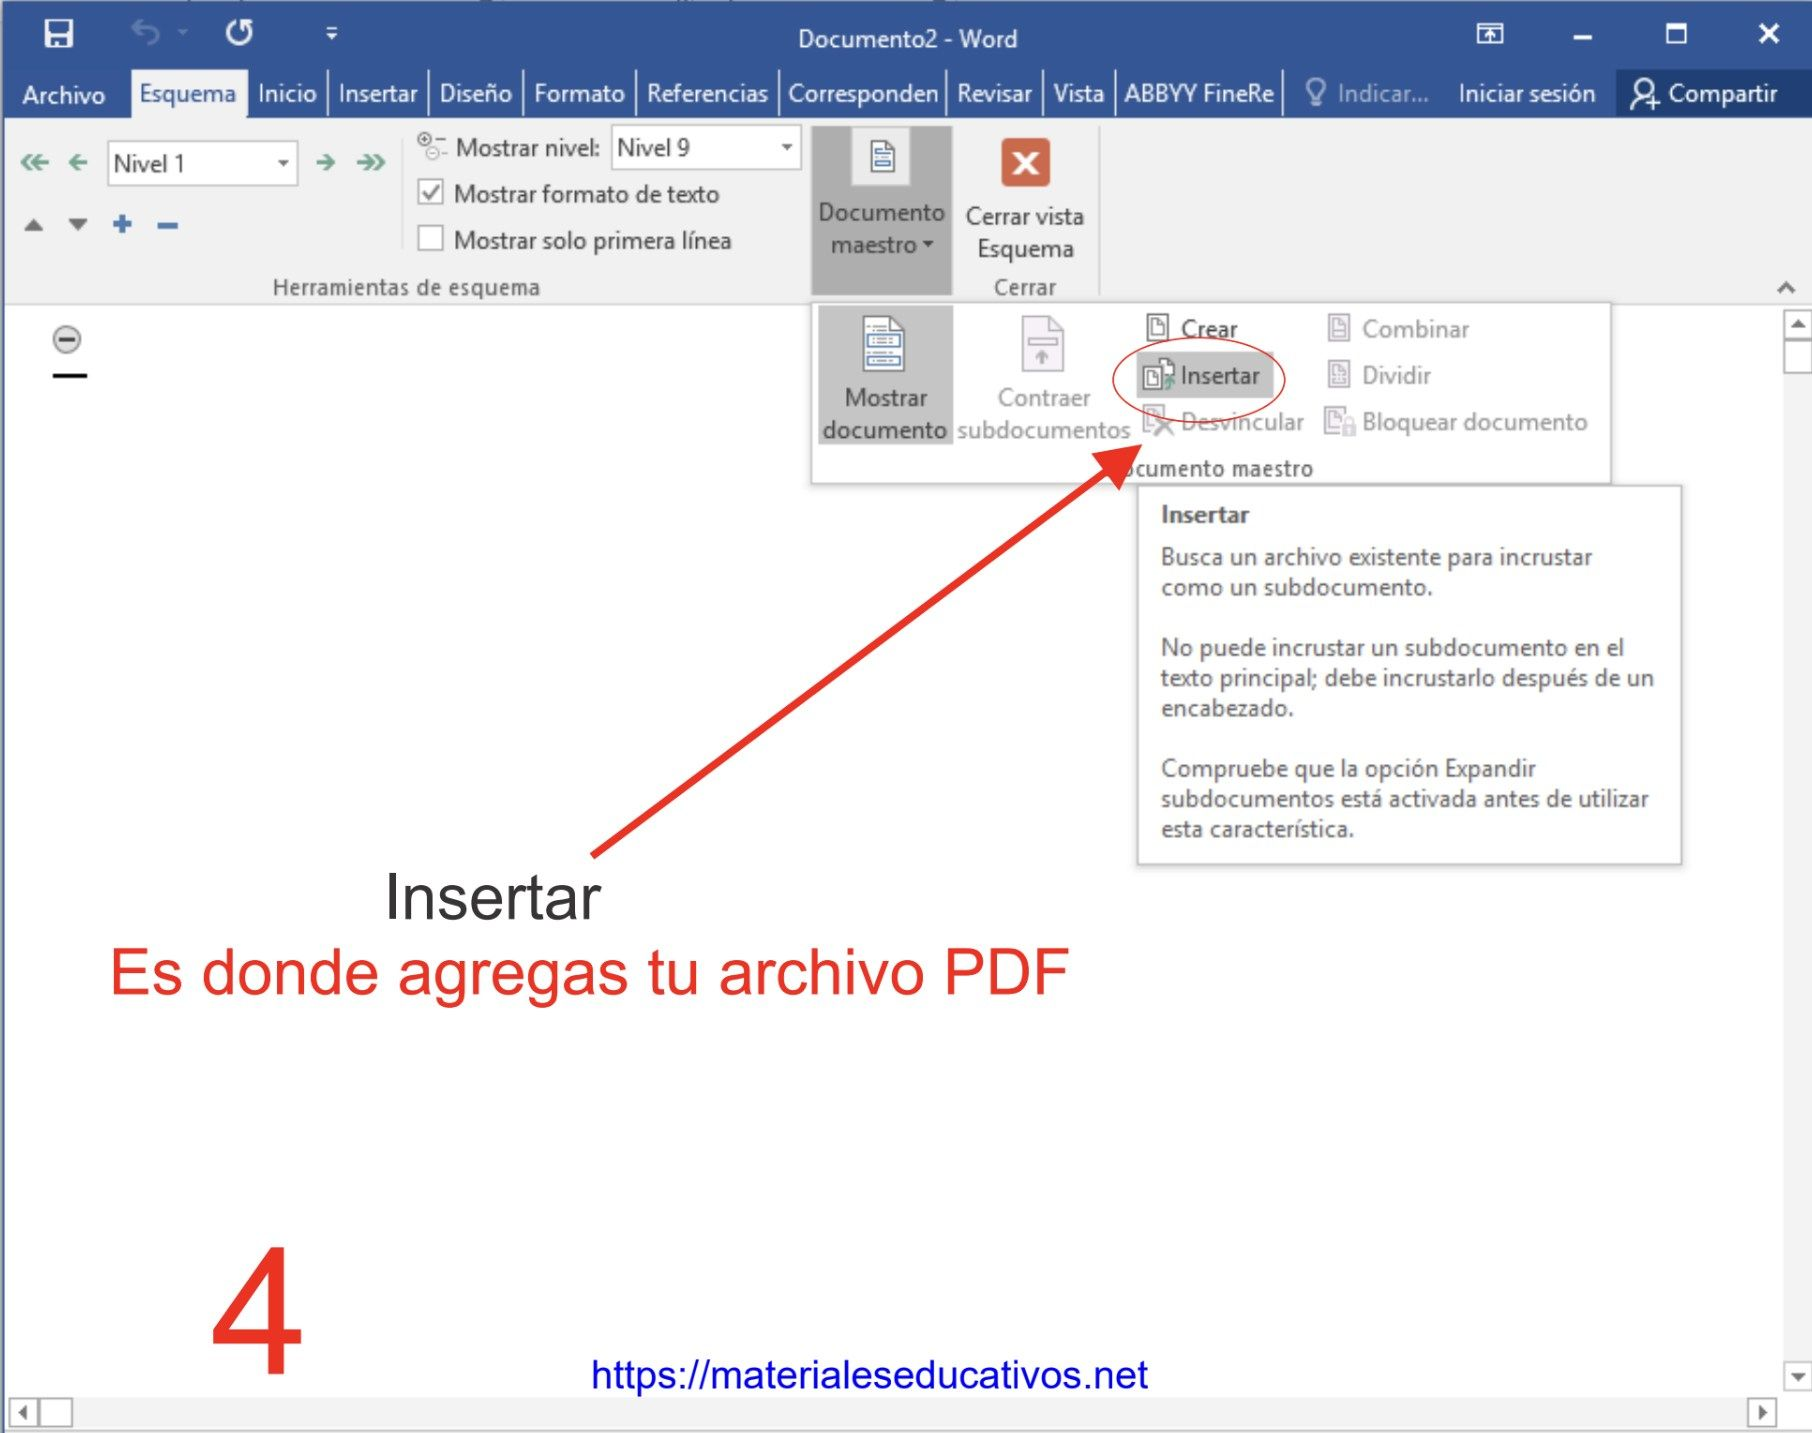 Ayuda Para Docentes Cómo Convertir Pdf A Word Sin Instalar Programas Externos Instalar Programas Hacks De Vida útil Docentes